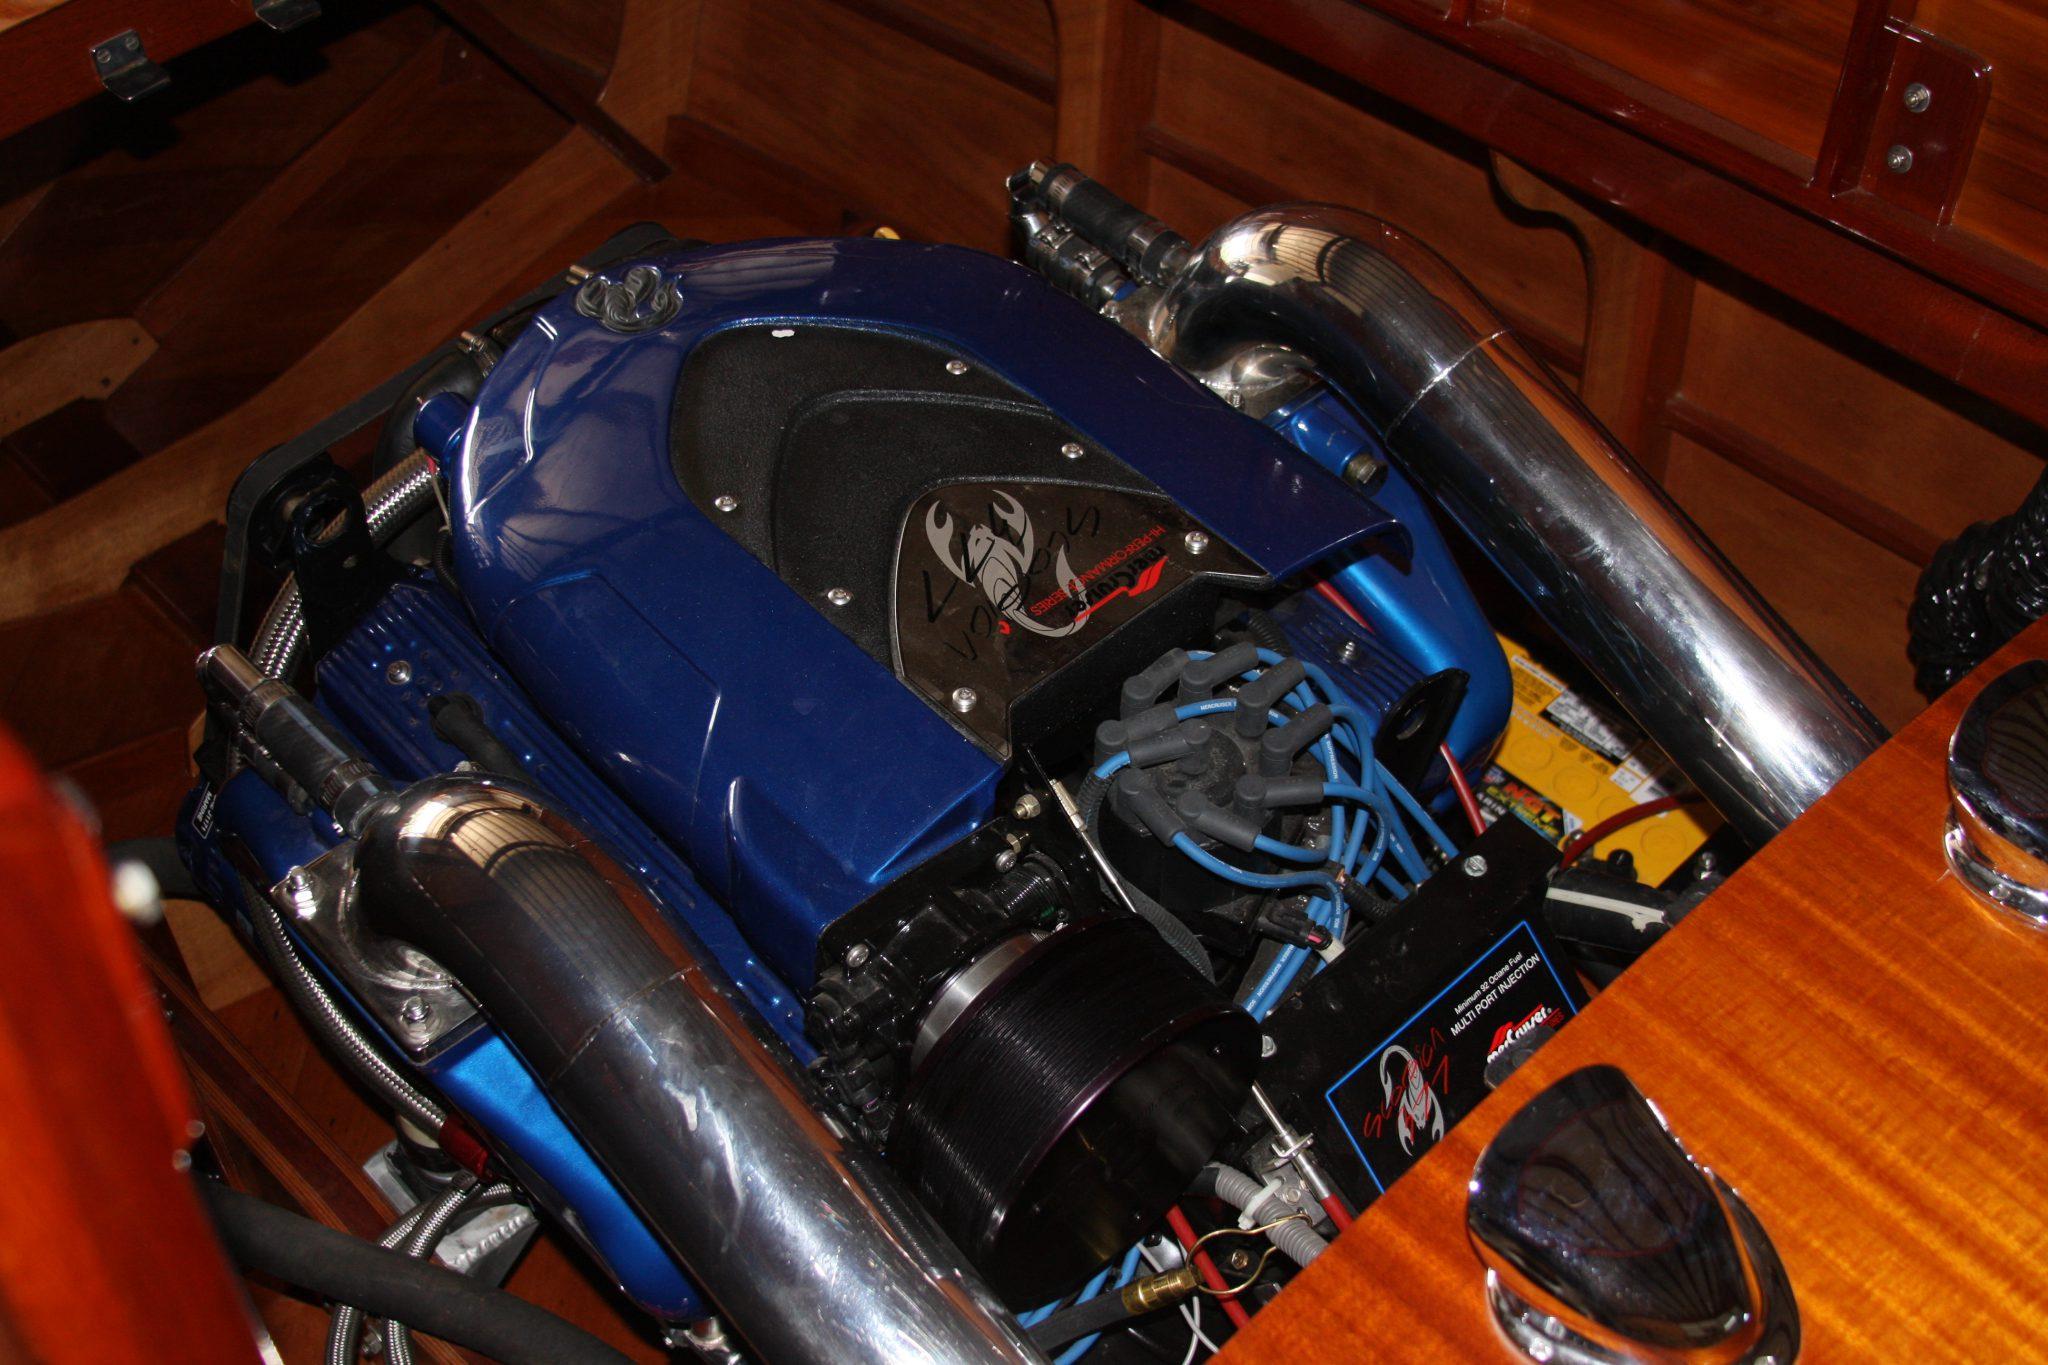 The new engine in Pretty Pattie